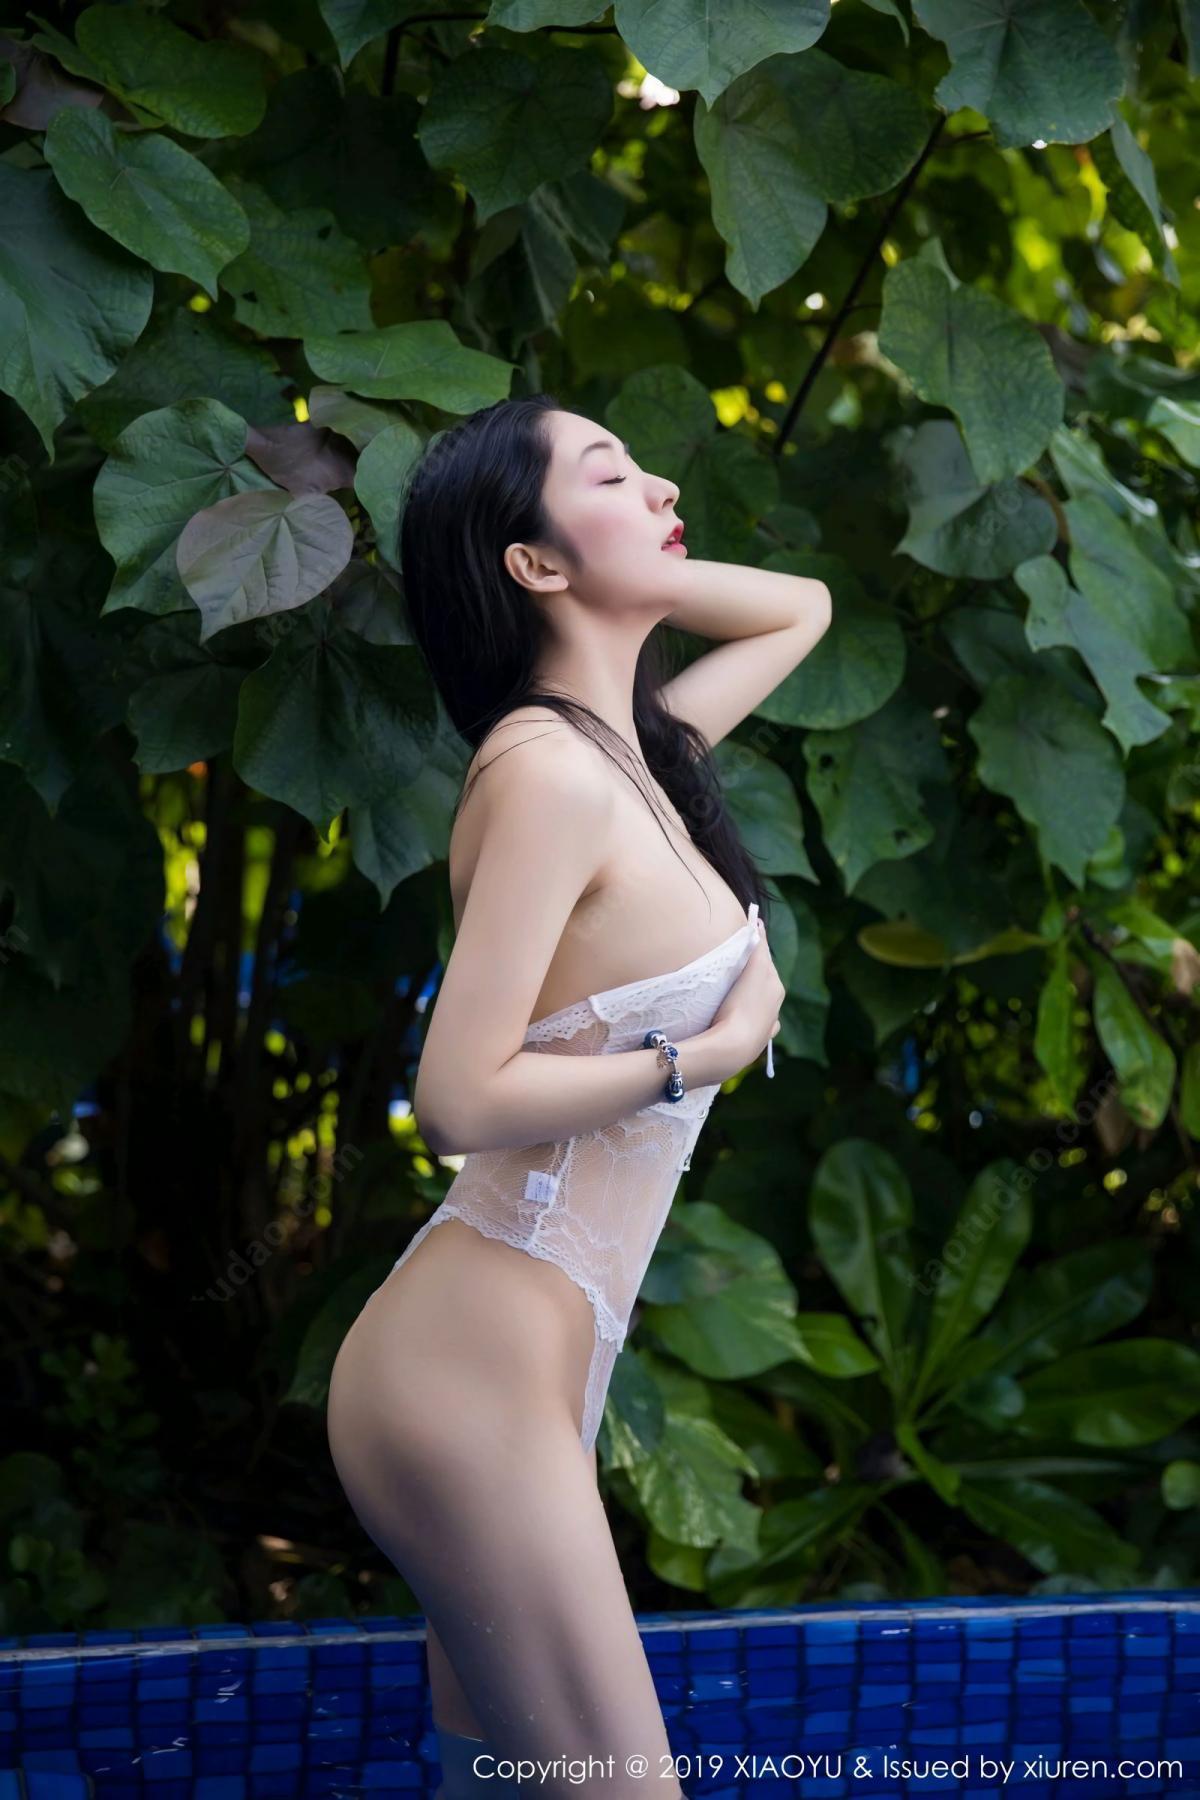 [XiaoYu] Vol.106 Di Yi 34P, Bikini, Di Yi, Swim Pool, Wet, XiaoYu